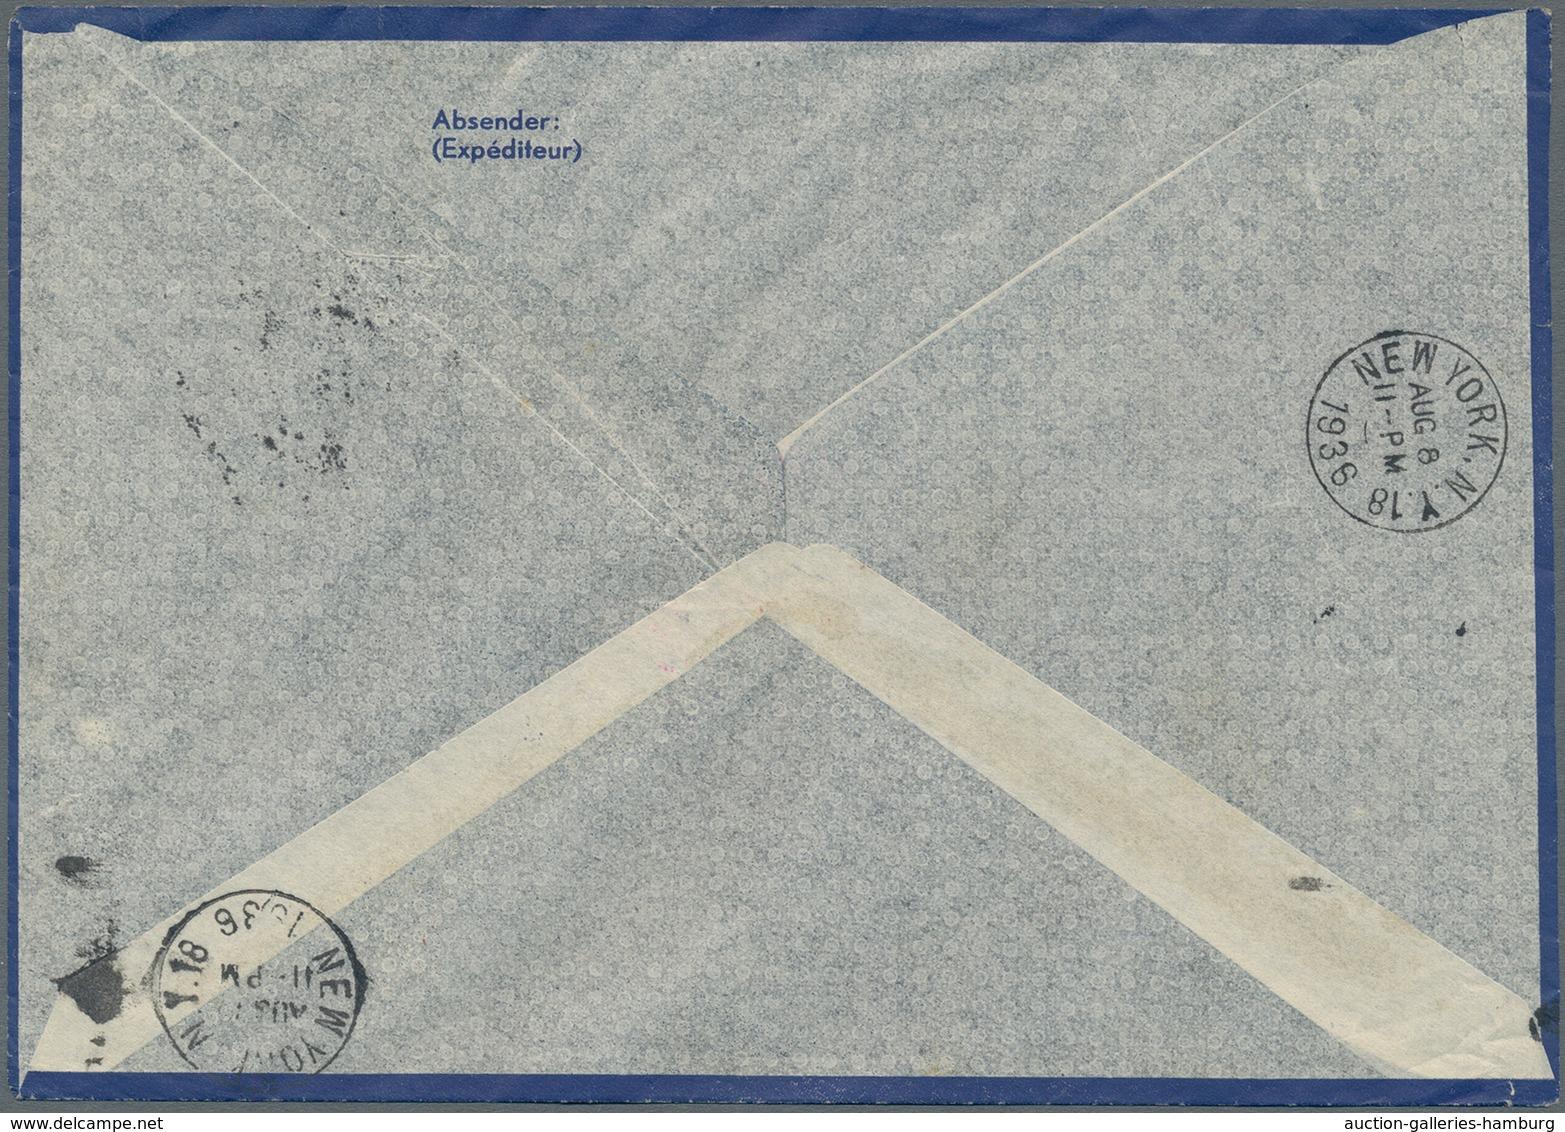 Zeppelinpost Europa: 1936, Olympiafahrt/6.Nordamerikafahrt, Österreichische Post, Auffrankierter Luf - Europe (Other)